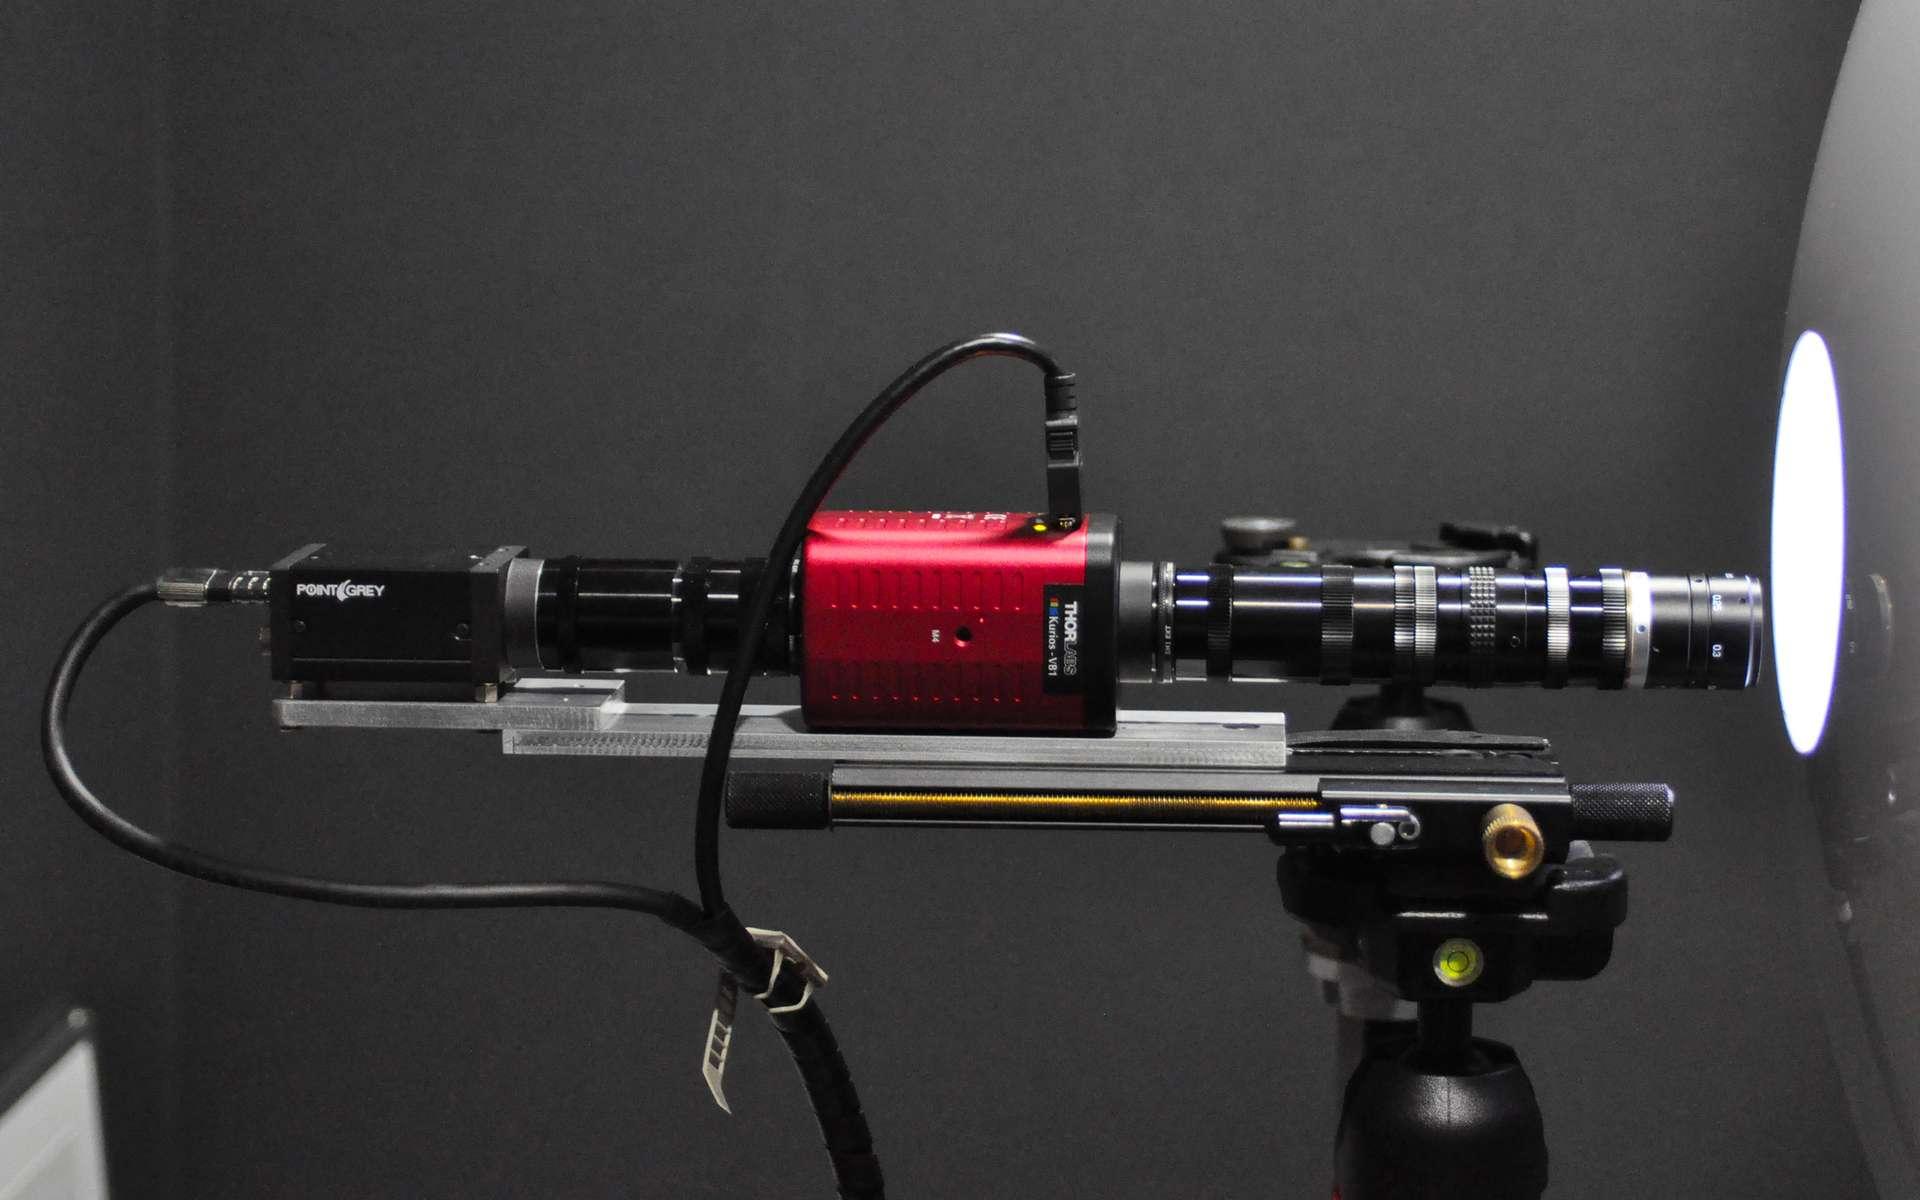 Système d'imagerie hyperspectral développé pour l'observation de la peau du visage. © L'Oréal